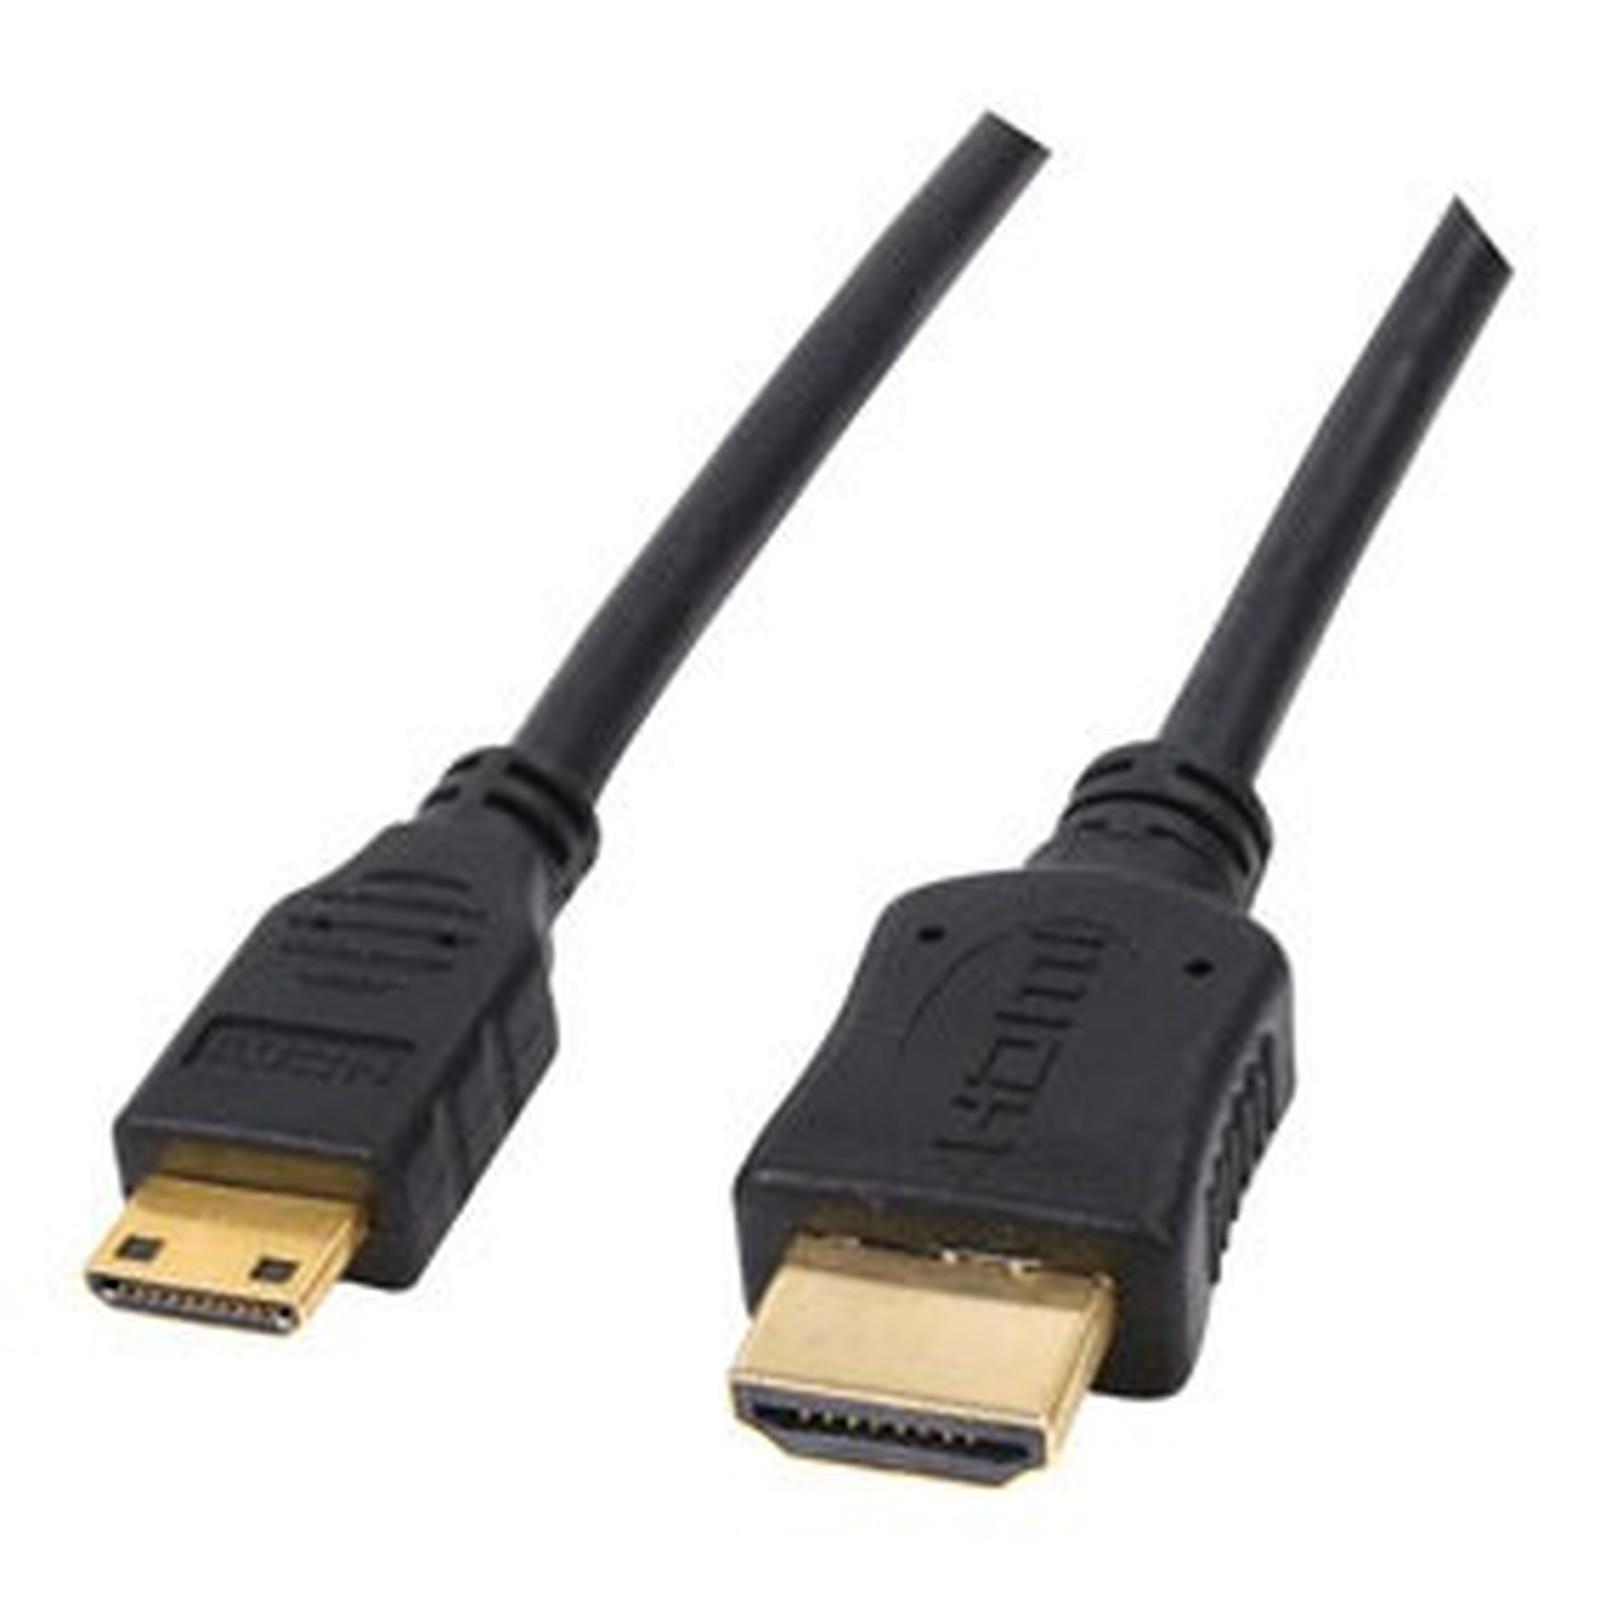 Câble HDMI mâle / mini HDMI mâle (plaqué or) - (1.5 mètre)